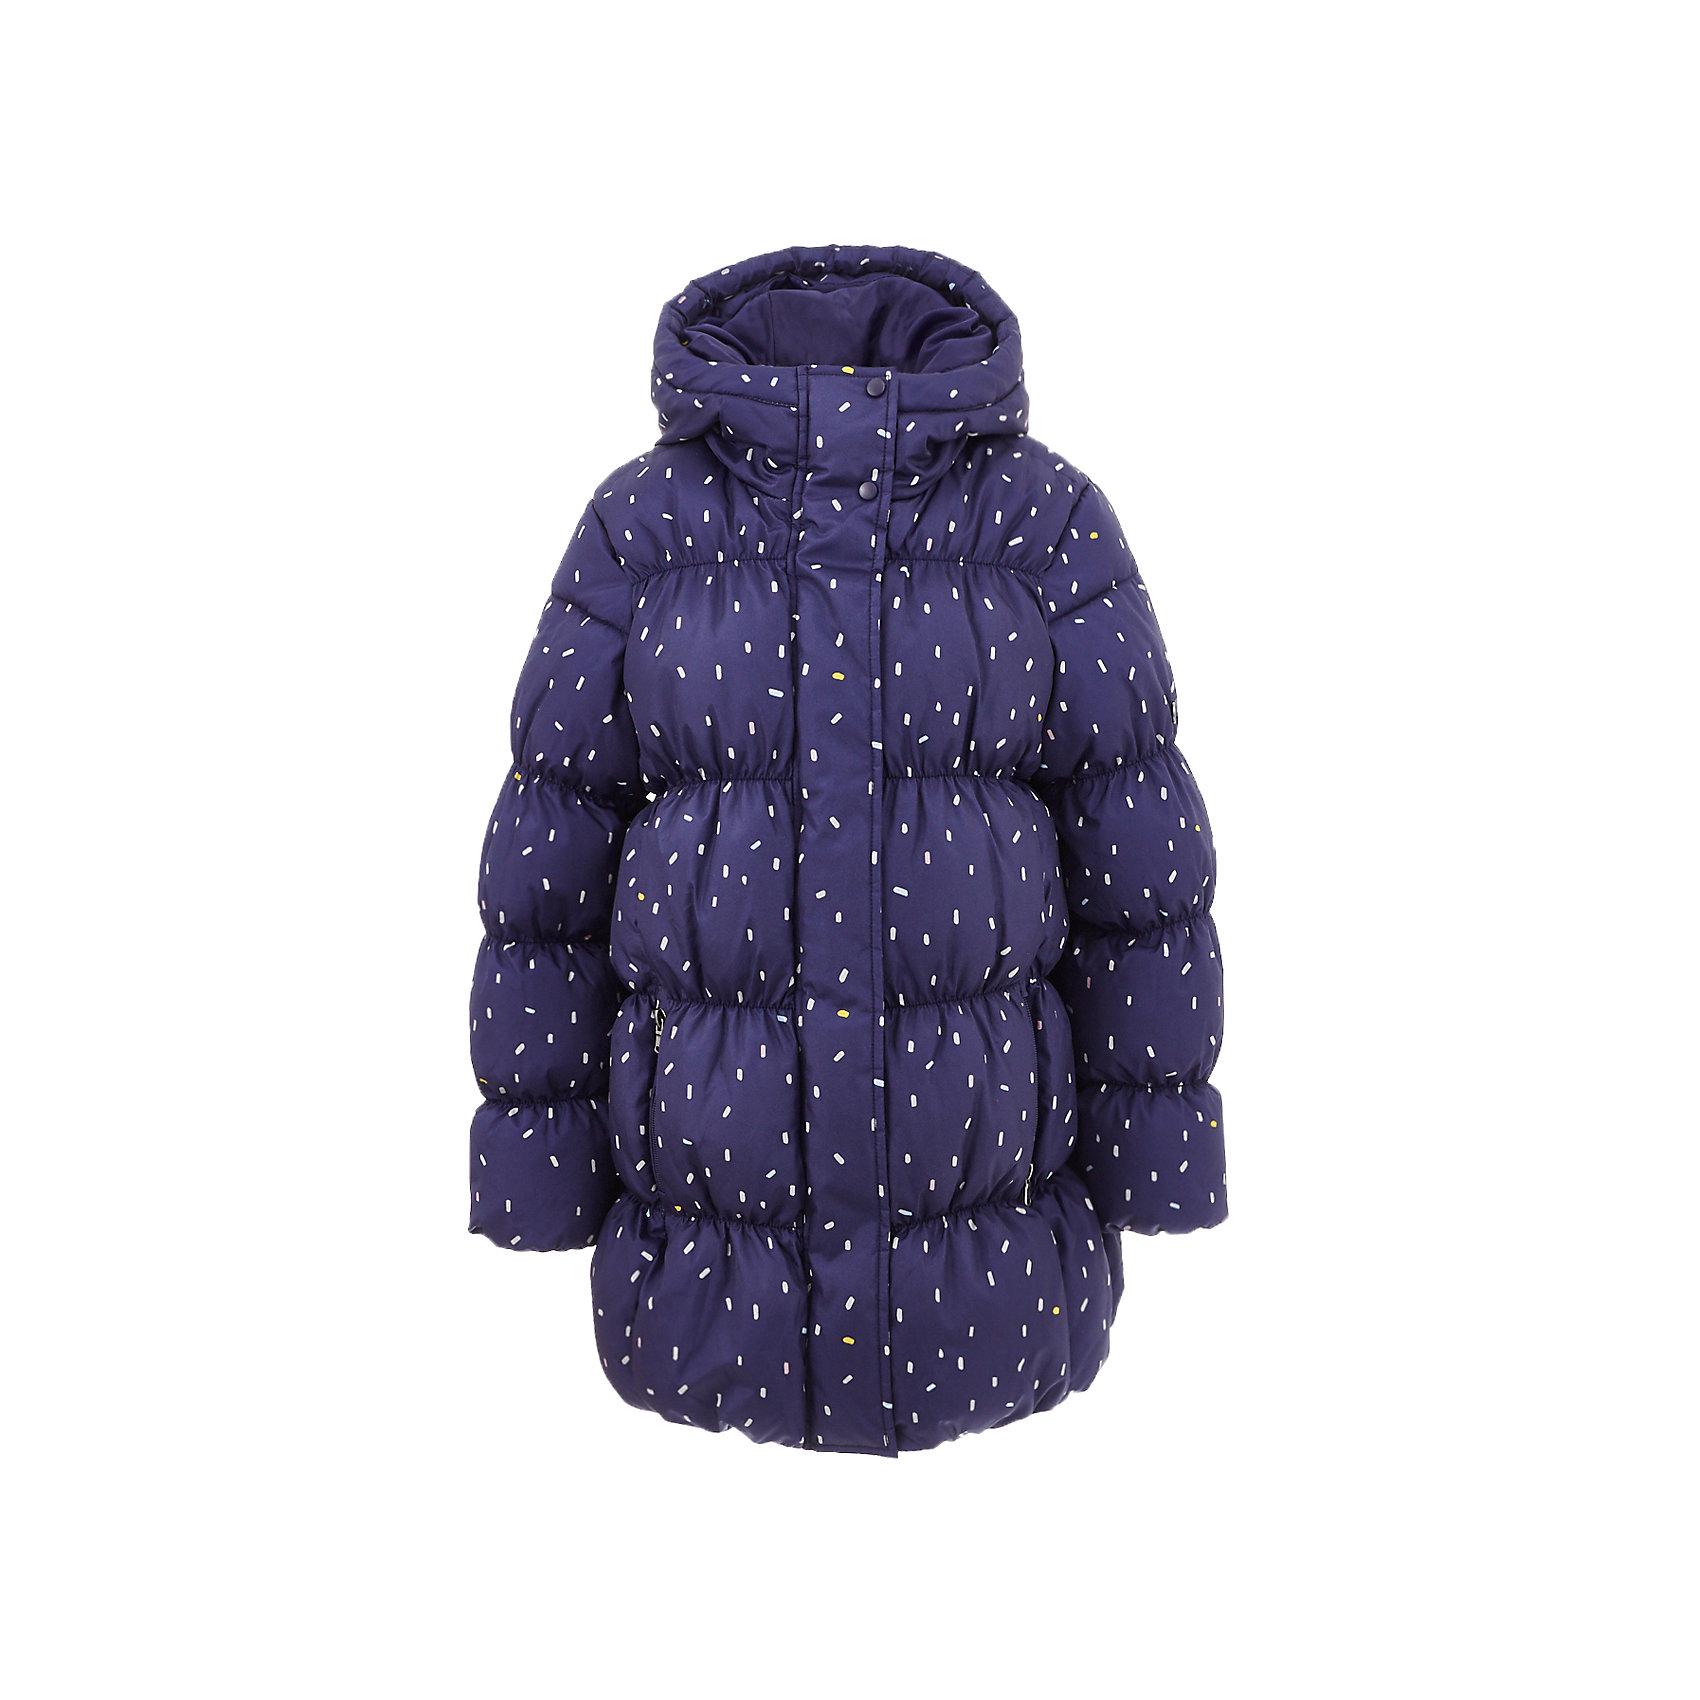 Куртка BUTTON BLUE для девочкиВерхняя одежда<br>Куртка BUTTON BLUE для девочки<br>В преддверии осенней сырости и холодов главная задача родителей - купить полупальто или хорошую куртку! Добротное полупальто для девочки - гарантия тепла и комфорта. Оригинальная принтованная плащевка создает настроение, модная форма делает полупальто привлекательным. У полупальто от Button Blue есть все шансы стать базовой вещью в практичном осеннем гардеробе ребенка! Прекрасный внешний вид и функциональность делают полупальто от Buttons Blue востребованной моделью. Оптимальная цена позволяет создать полноценный и разнообразный детский гардероб из модных, нужных и интересных вещей.<br>Состав:<br>тк. верха:100% полиэстер               Подкладка: 100% хлопок/100% полиэстер  Утеплитель 100% полиэстер<br><br>Ширина мм: 356<br>Глубина мм: 10<br>Высота мм: 245<br>Вес г: 519<br>Цвет: темно-синий<br>Возраст от месяцев: 144<br>Возраст до месяцев: 156<br>Пол: Женский<br>Возраст: Детский<br>Размер: 158,98,104,110,116,122,128,134,140,146,152<br>SKU: 7037897